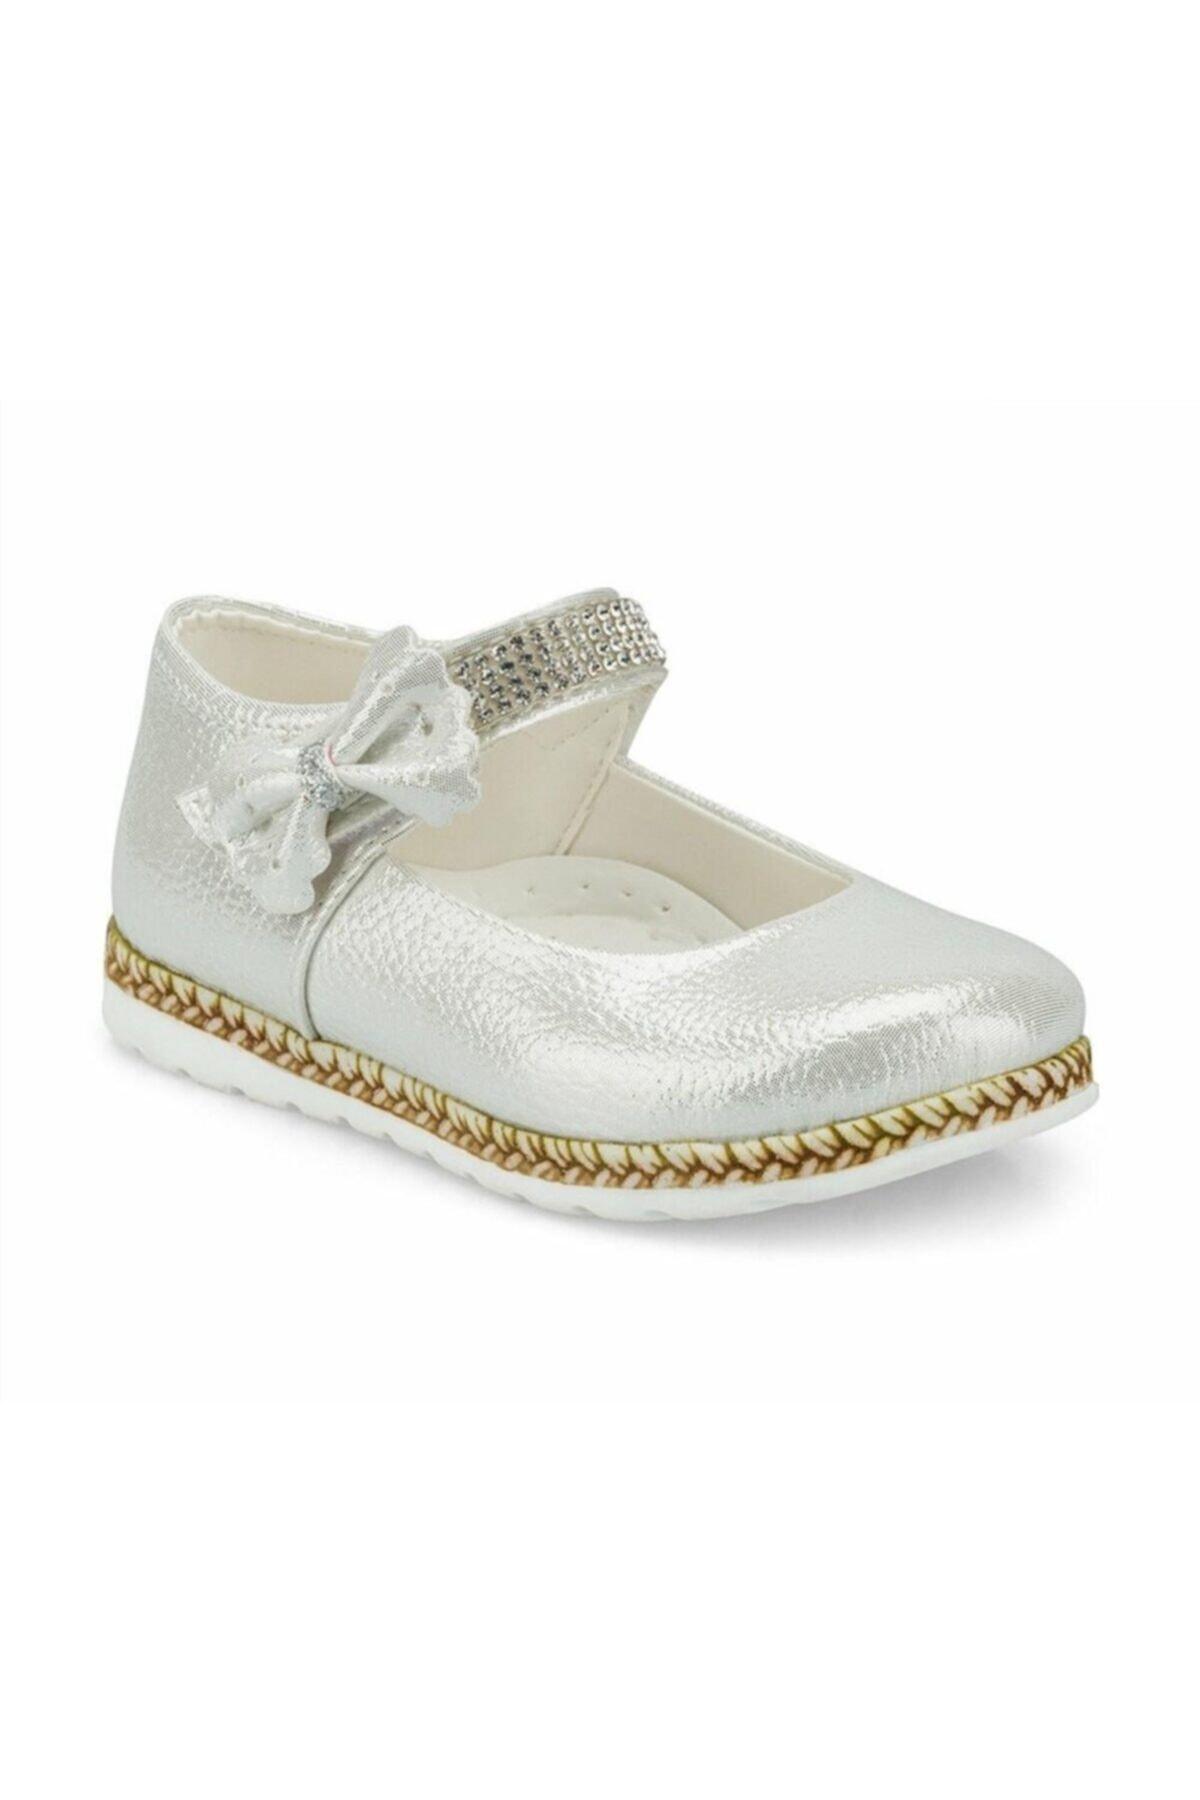 سفارش انلاین کفش تخت بچه گانه دخترانه ساده برند Gigi رنگ نقره کد ty36679737